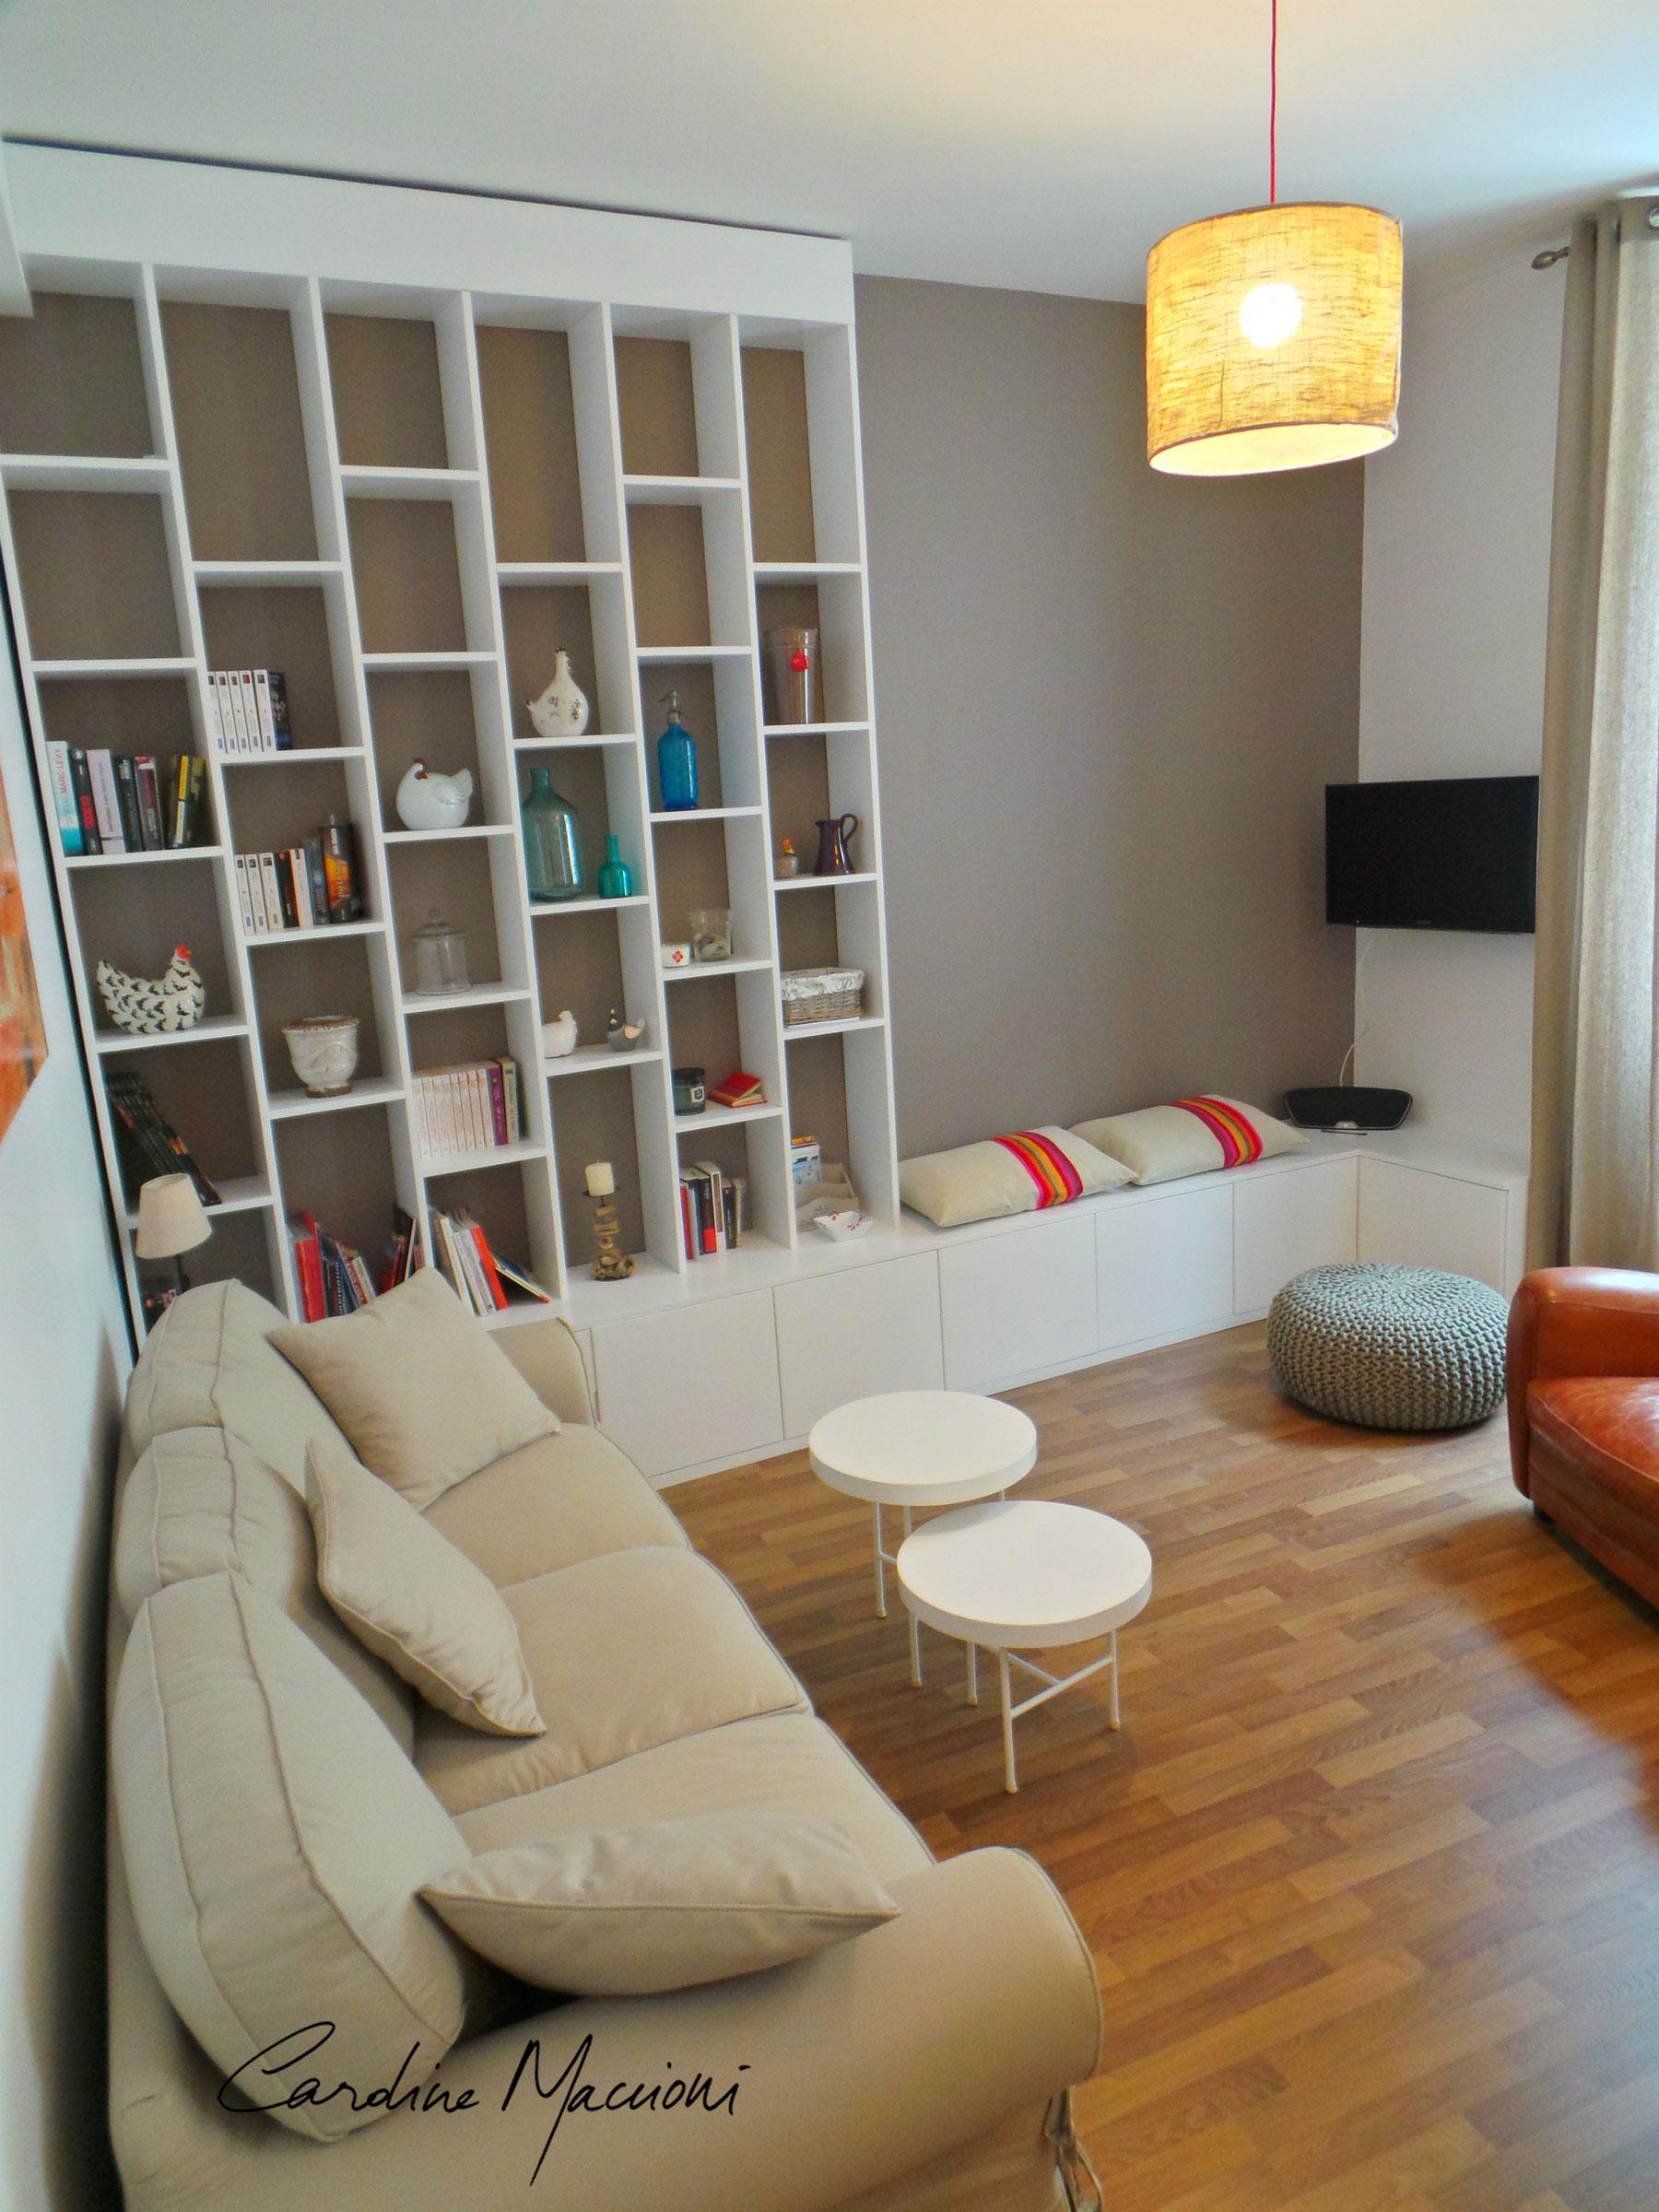 Décoration d'intérieur et aménagement complet appartement Biarritz chic citadin accueillant vacances famille Côte Basque 64